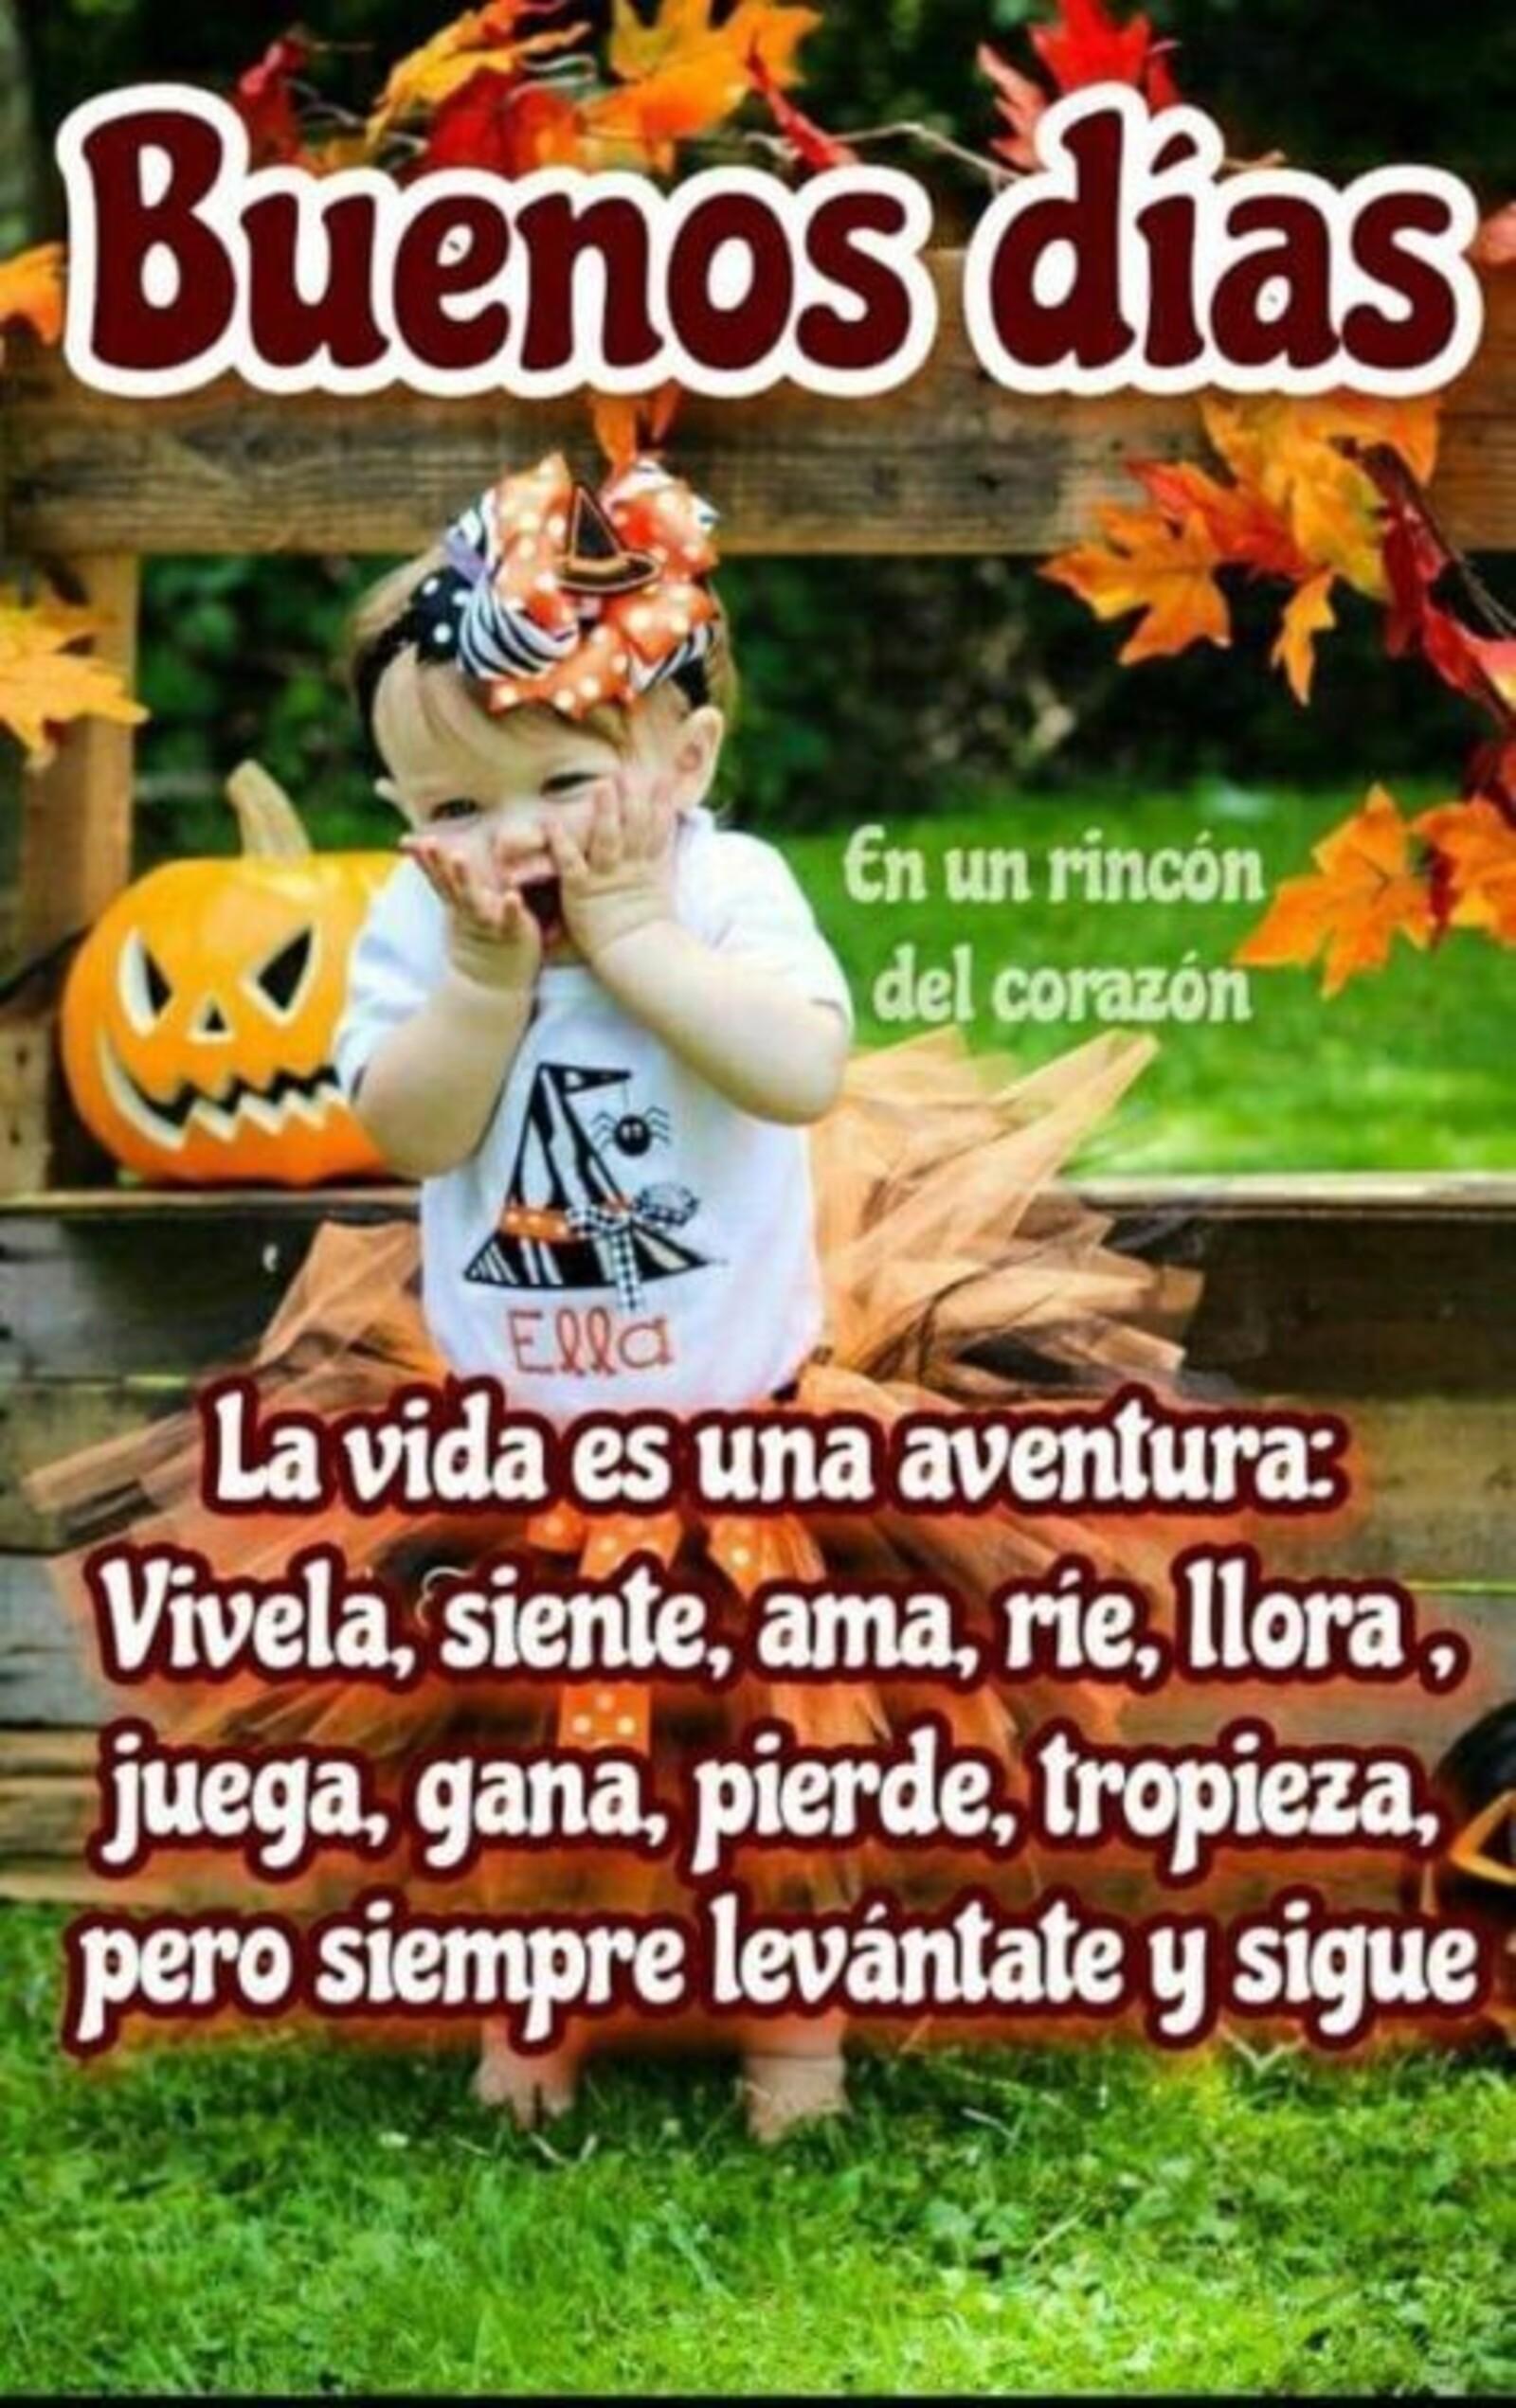 Buenos días la vida es una aventura: vivela, siente, ama, rie, llora, juega, gana, pierde, tropieza, pero siempre levantate y sigue